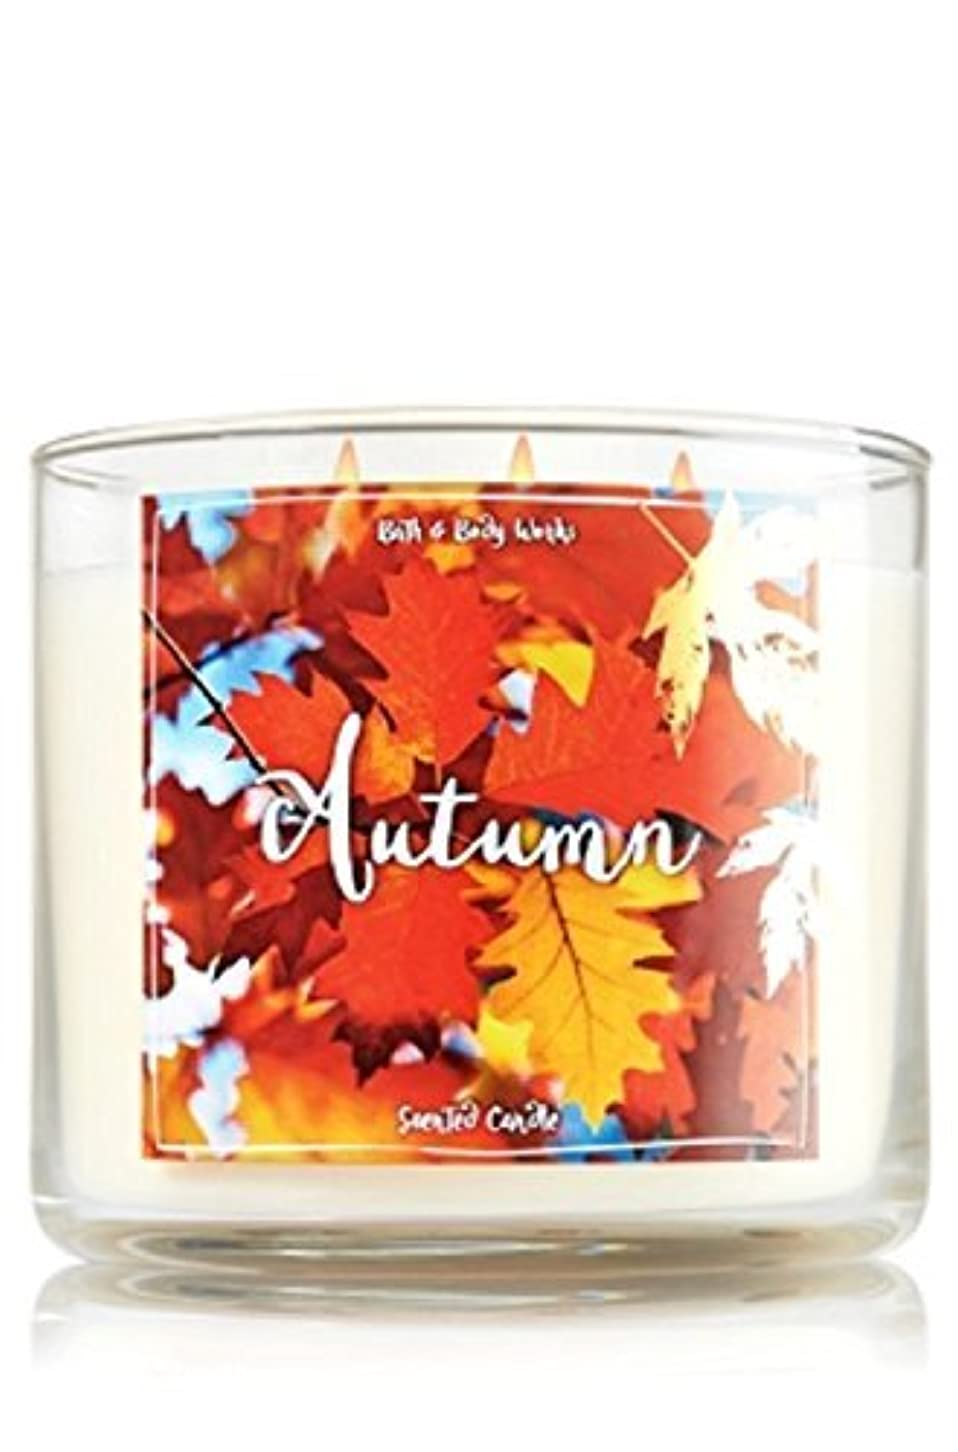 頼むしっかり石化するBath and Body Works Autumn Candle - Autumn Scent 14.5 oz Large 3-wick Candle for Fall [並行輸入品]